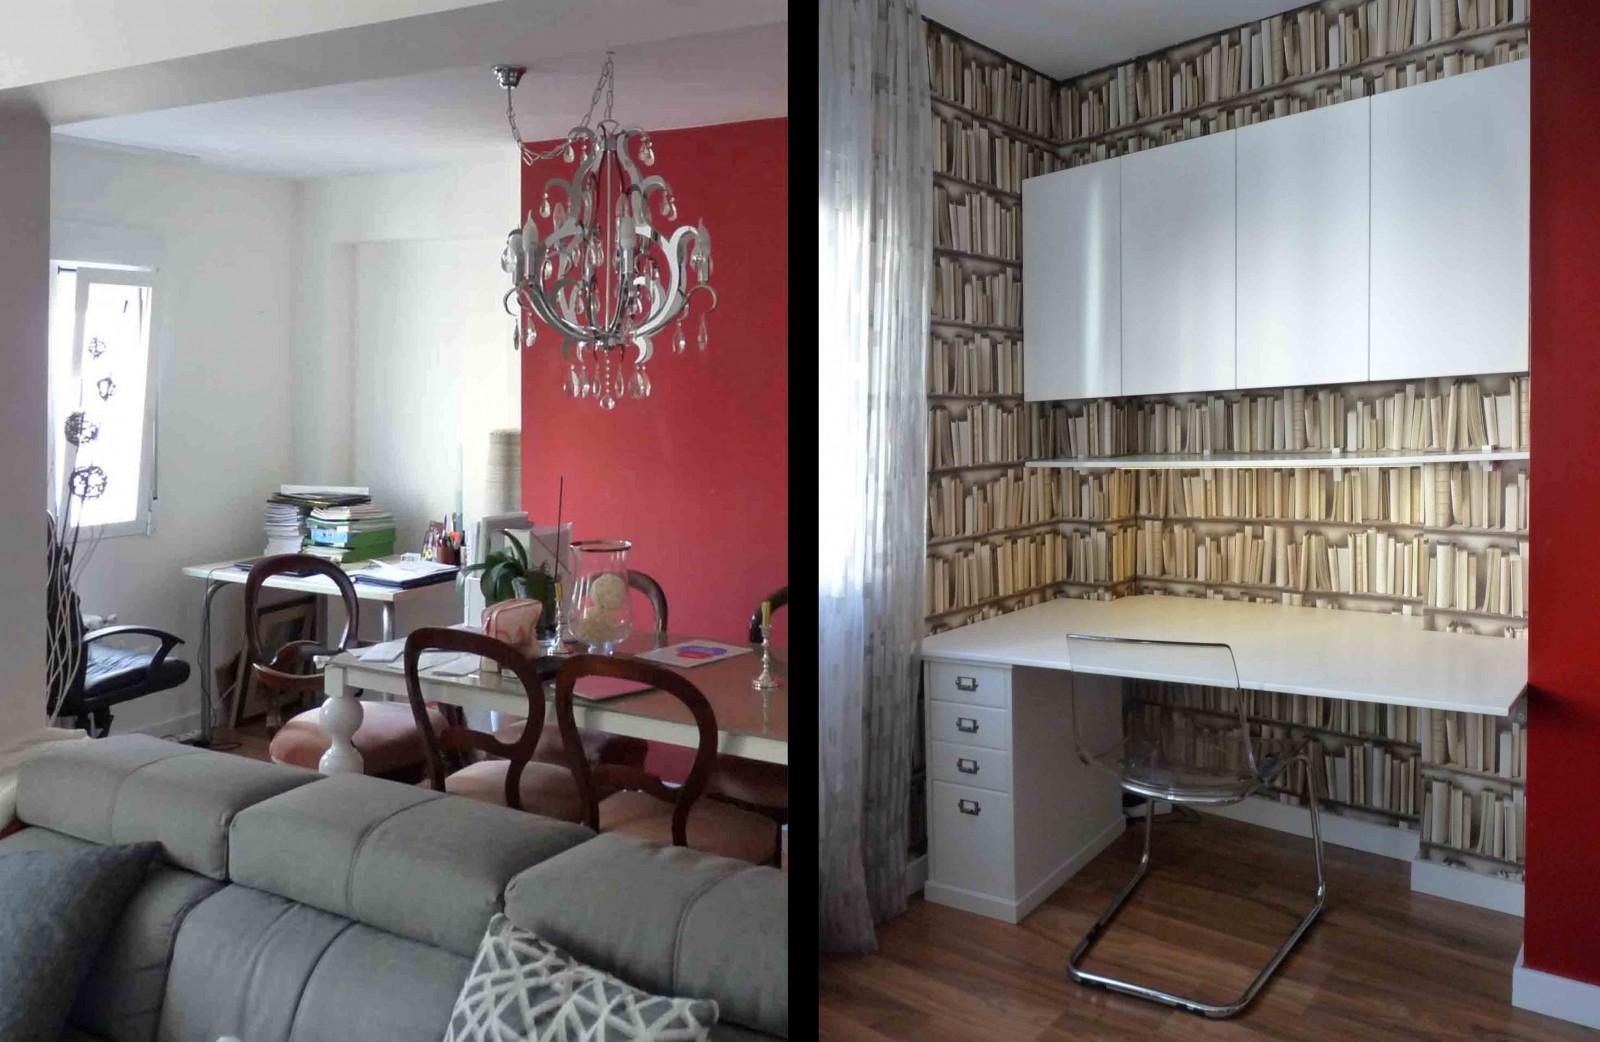 Muebles en laca blanca, sencillos para no restar protagonismo al papel pintado de libros, que delimita y realza la función de rincón de estudio.